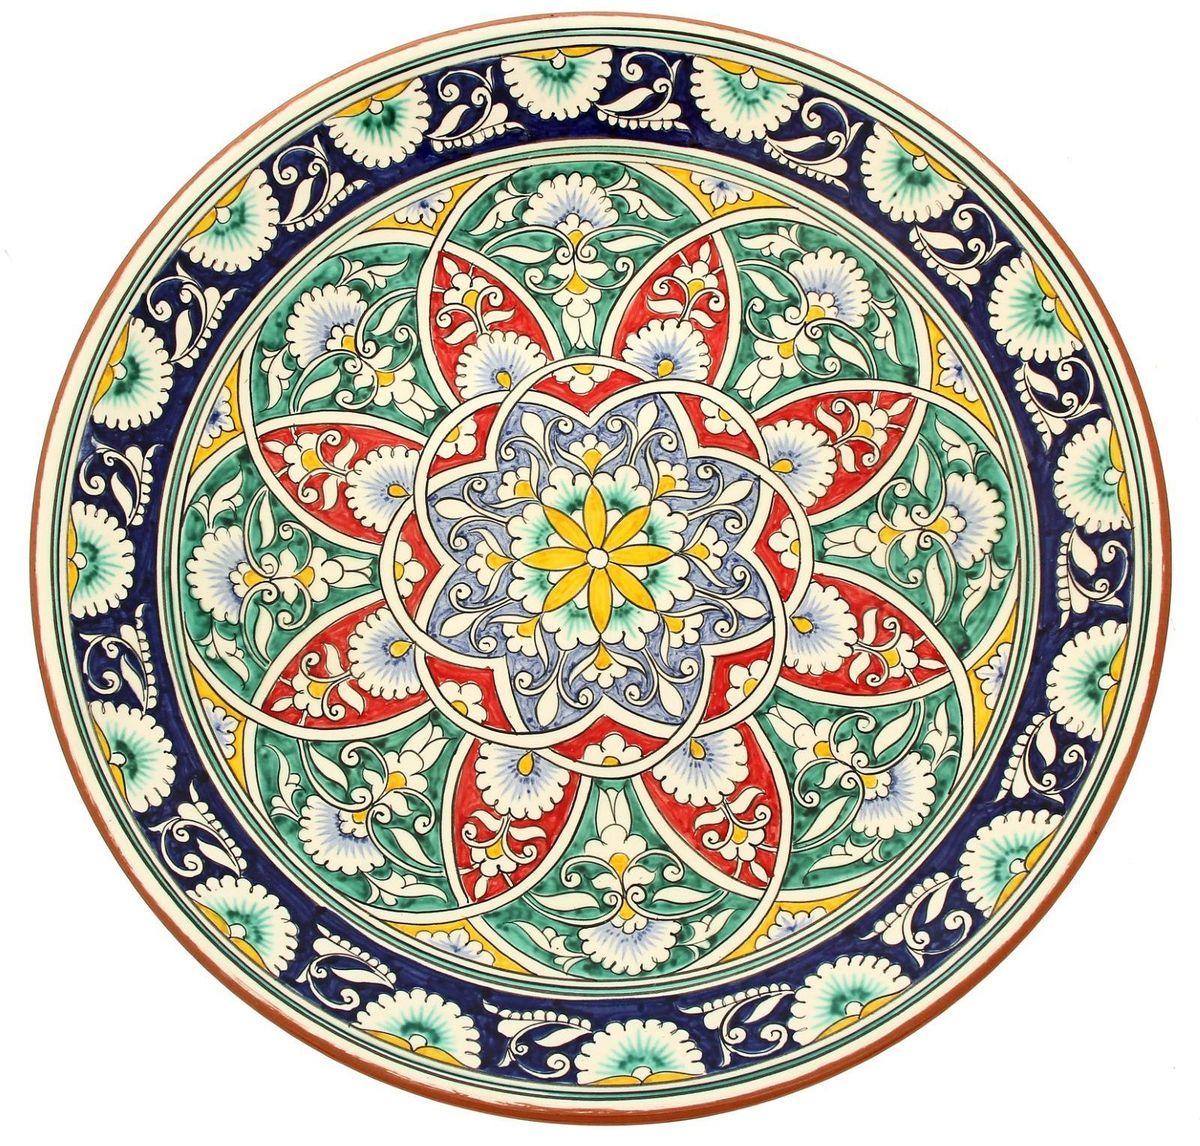 Ляган Риштанская керамика, диаметр 41 см. 19234801923480Ляган — это не просто обеденный атрибут, это украшение стола. Посуда с национальной росписью станет отменным подарком для ценителей высокородной посуды.Риштан — город на востоке Узбекистана, один из древнейших в Ферганской долине. С давних времён Риштан славится своим гончарным искусством изготовления цветной керамики. Красноватую глину для изделия добывают в самом городе. Мастера утверждают, что их глина настолько высокого качества, что даже не нуждается в предварительной обработке. Дополните коллекцию кухонных аксессуаров пряными восточными нотами.